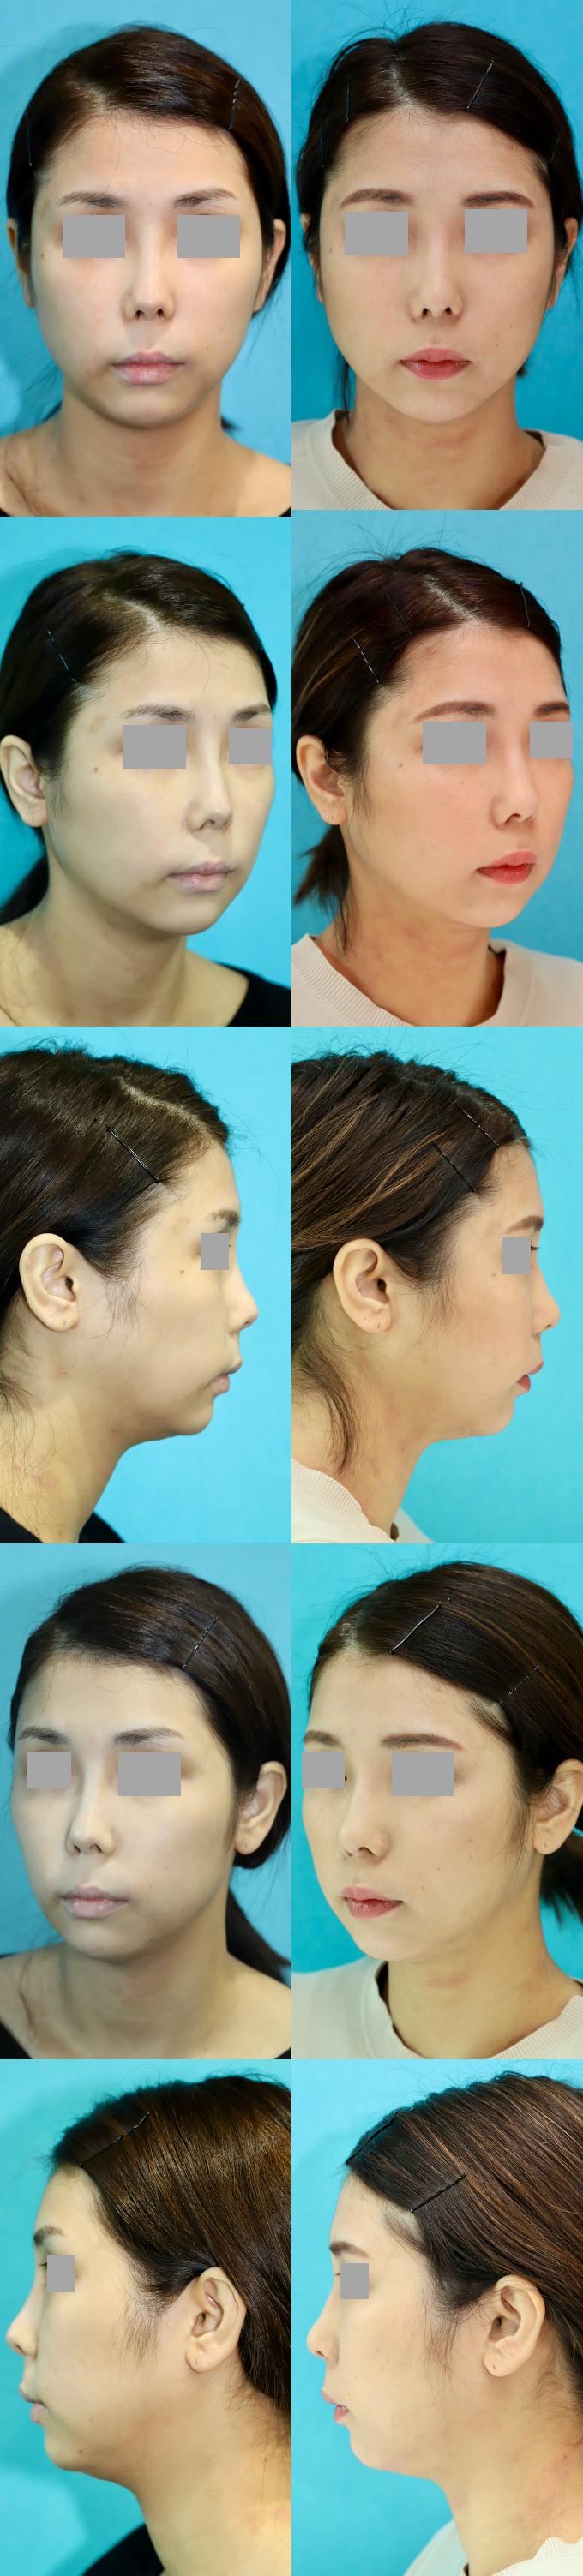 鼻尖移植軟骨除去 軟部組織移植 術後7ヶ月